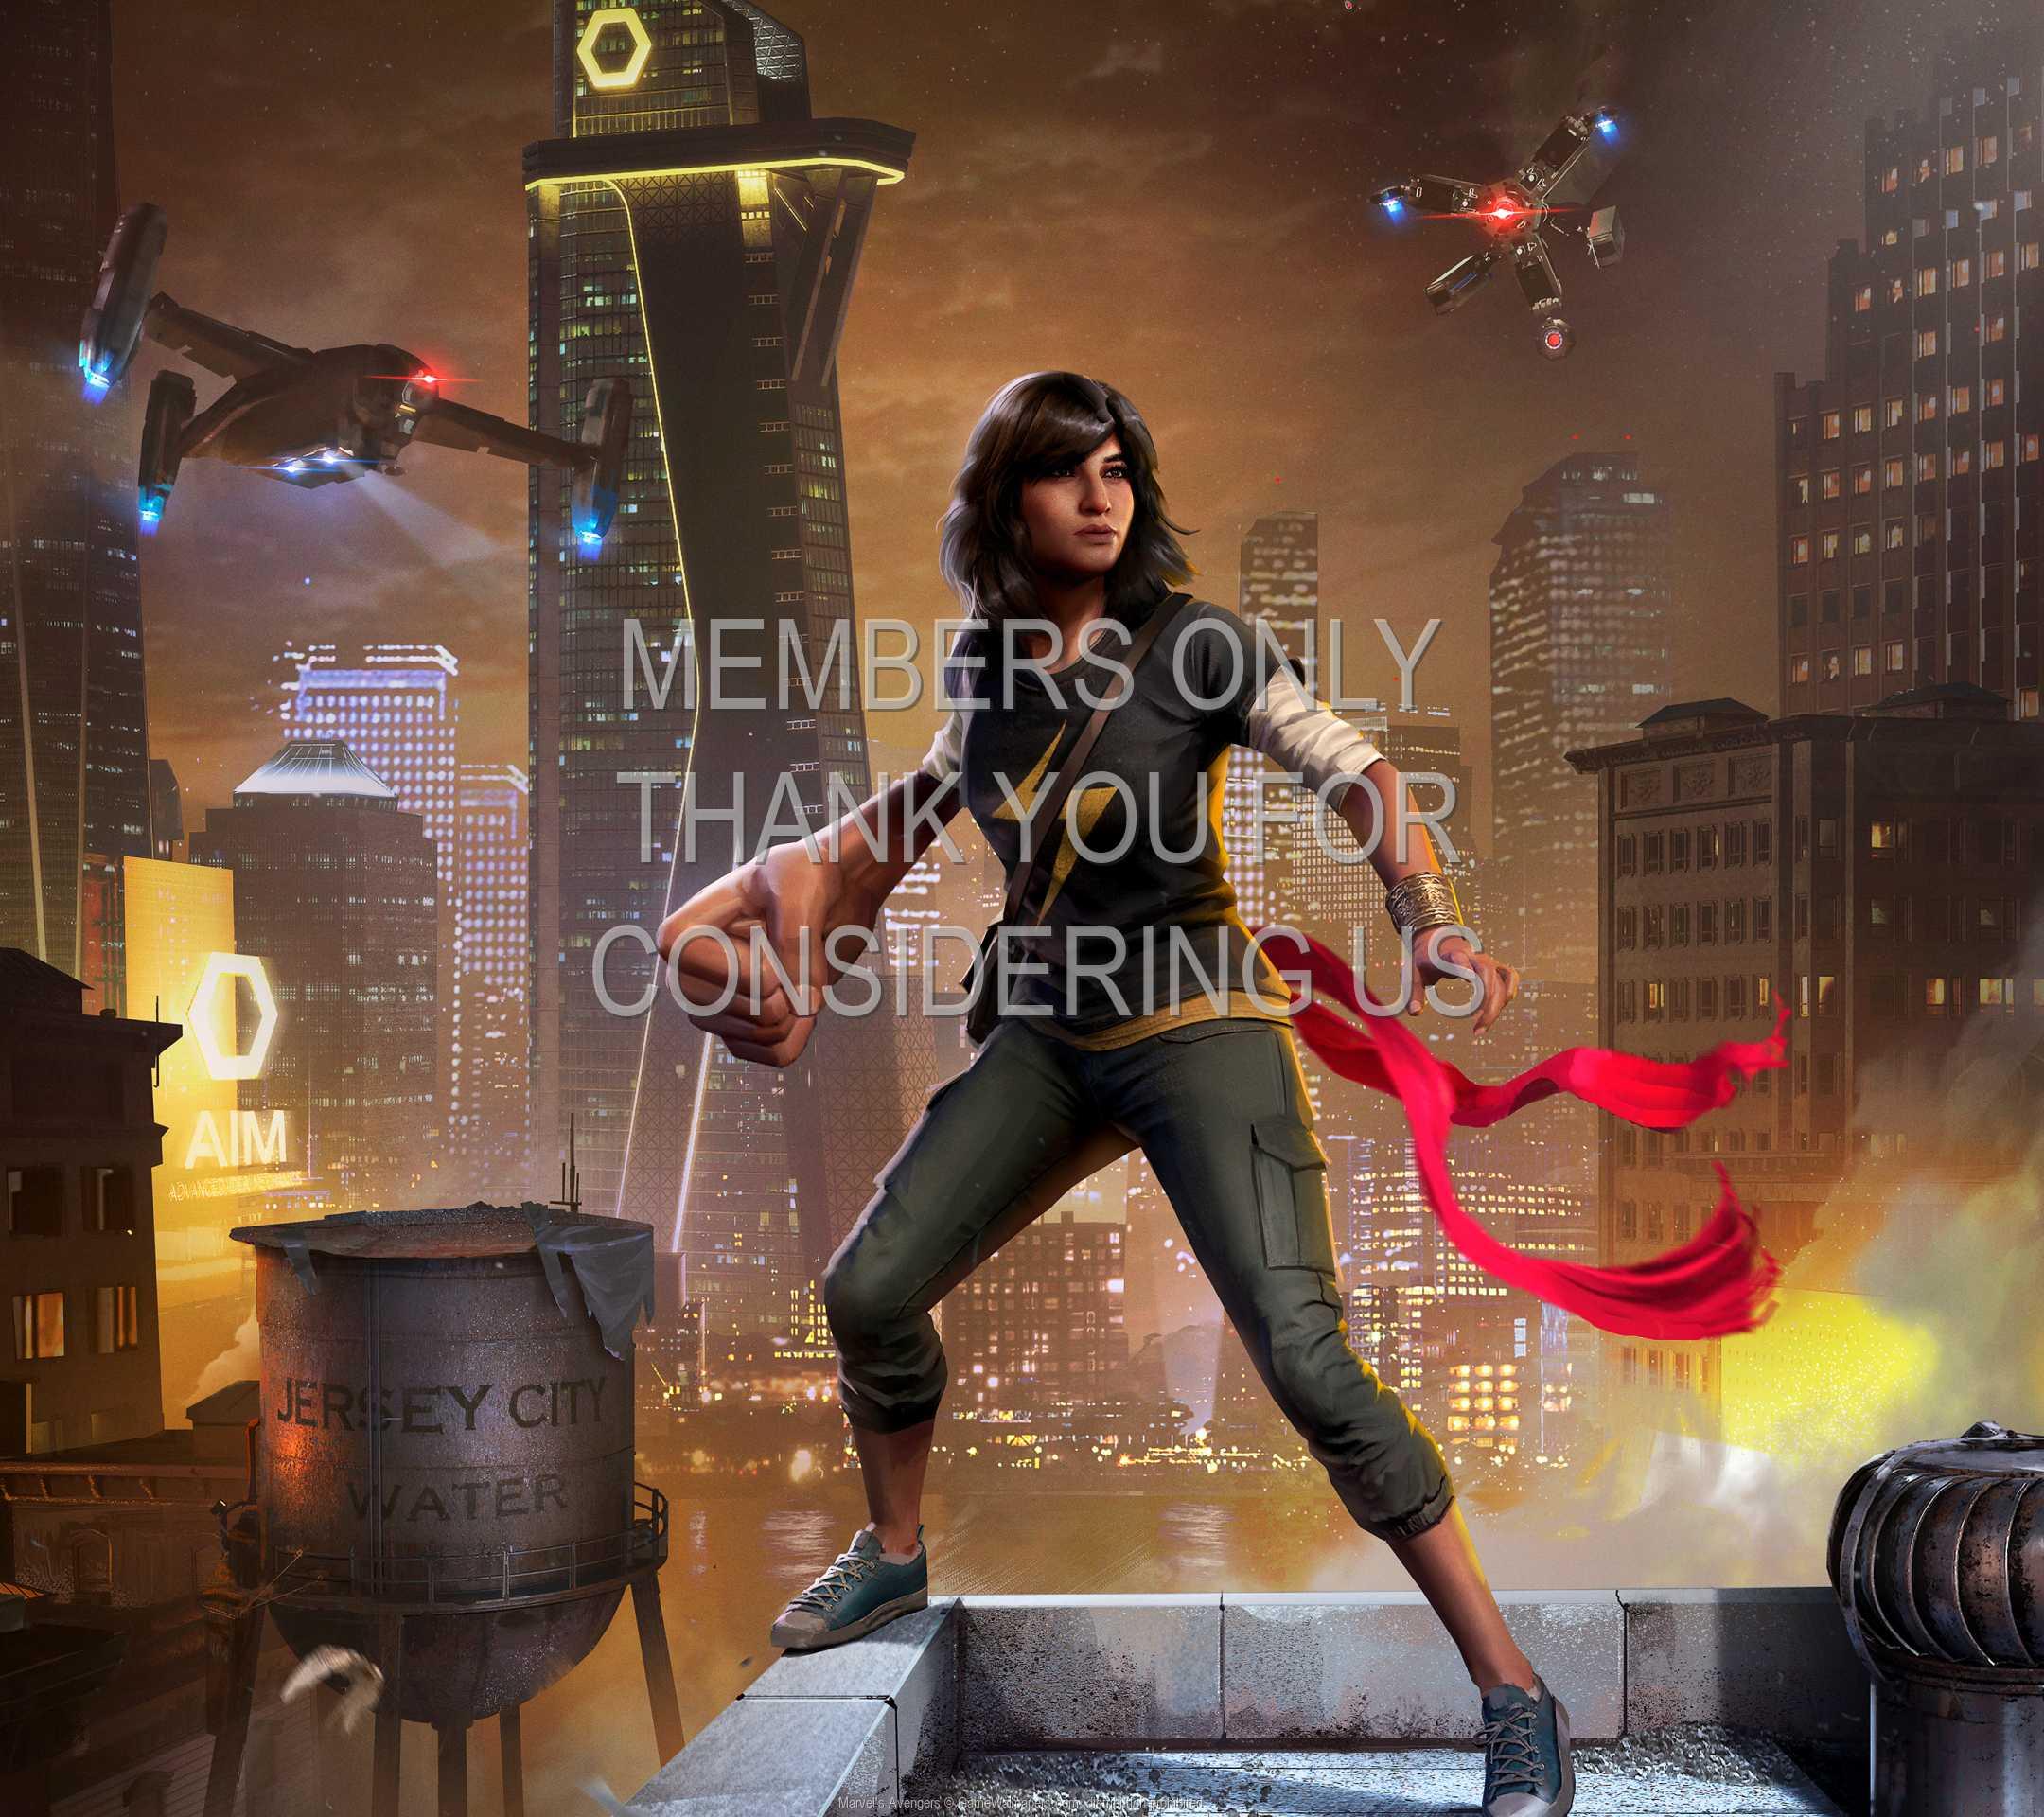 Marvel's Avengers 1080p Horizontal Mobile wallpaper or background 01